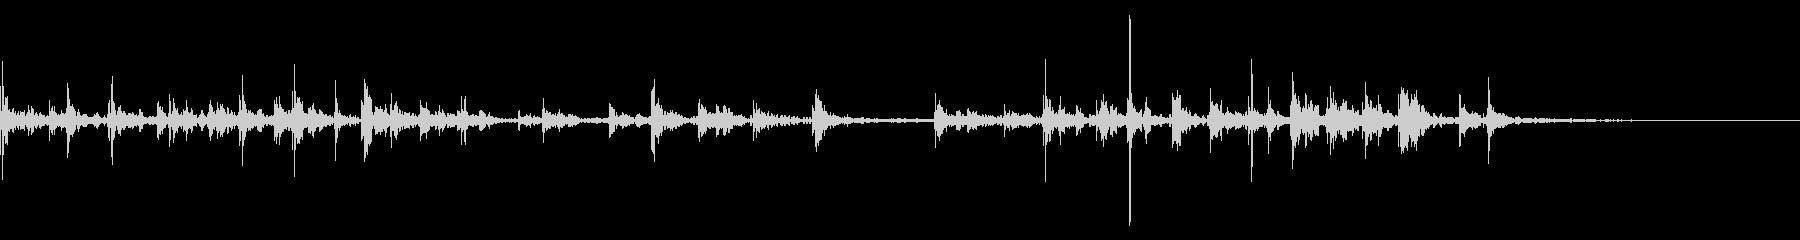 キーボードをタイピングするリアル効果音6の未再生の波形